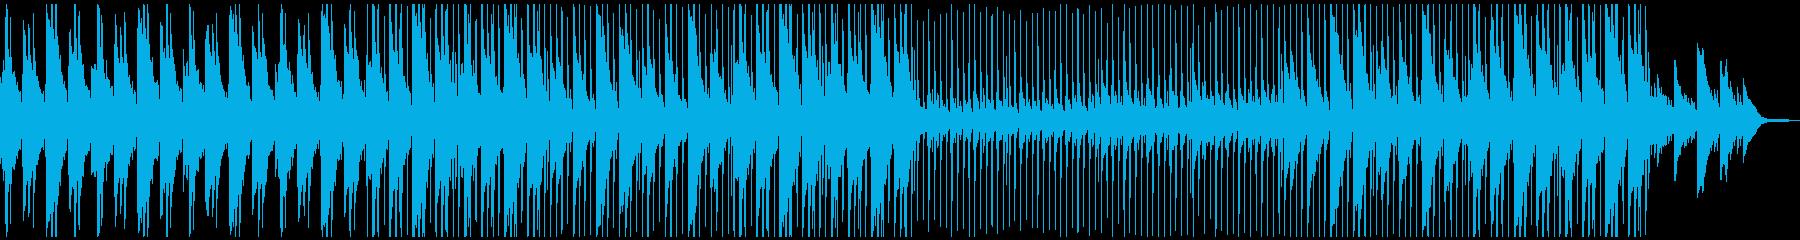 チルアウト〜穏やかで癒しのピアノとアコギの再生済みの波形